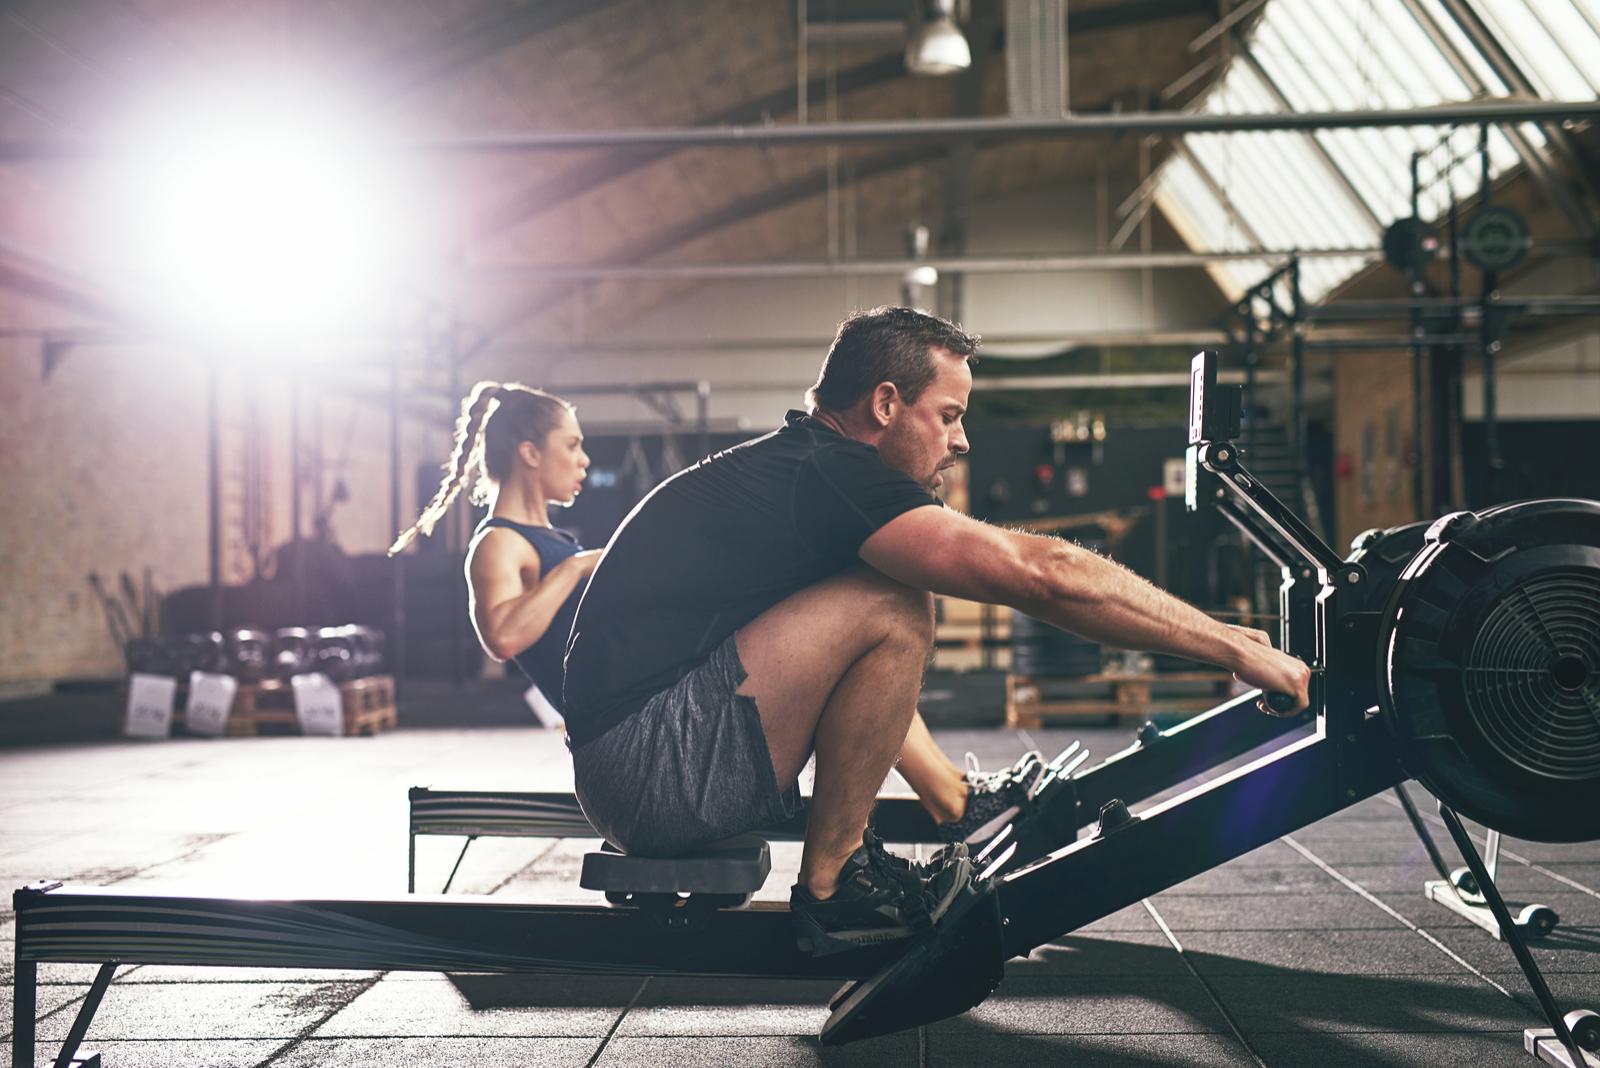 equipos de gimnasio en casa, la guía para elegir la máquina adecuada para usted